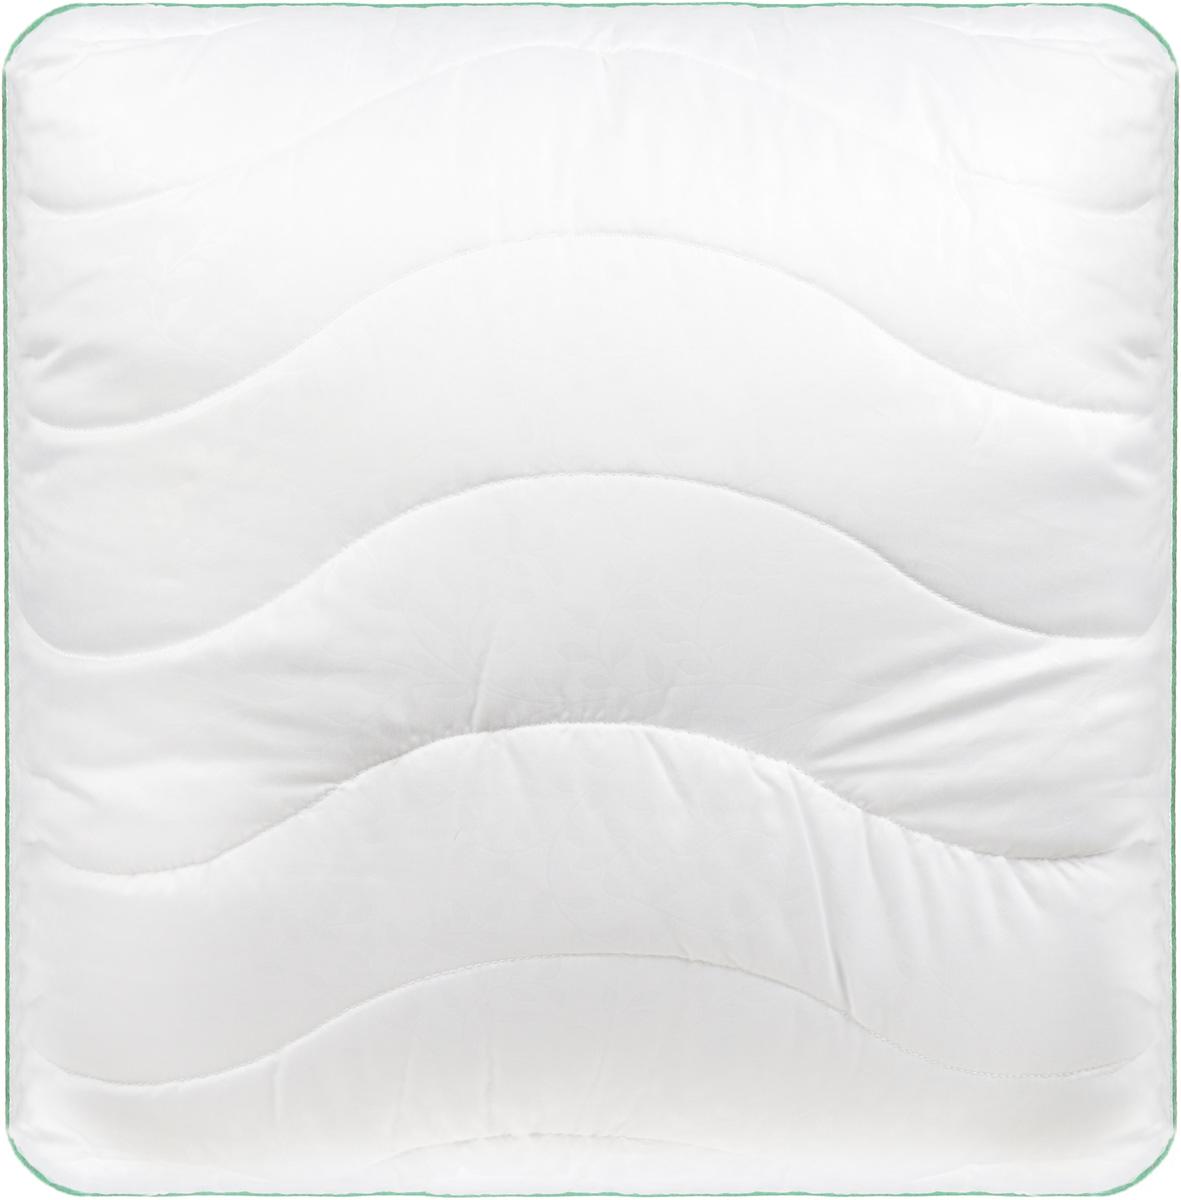 Подушка Легкие сны Тропикана, наполнитель: бамбуковое волокно, 68 x 68 см77(40)07-БВПодушка Легкие сны Тропикана поможет расслабиться, снимет усталость и подарит вам спокойный и здоровый сон. Волокно бамбука - это натуральный материал, добываемый из стеблей растения. Он обладает способностью быстро впитывать и испарять влагу, а также антибактериальными свойствами, что препятствует появлению пылевых клещей и болезнетворных бактерий. Изделия с наполнителем из бамбука легко пропускают воздух. Они отличаются превосходными дезодорирующими свойствами, мягкие, легкие, простые в уходе, гипоаллергенные и подходят абсолютно всем. Чехол изделия выполнен из микрофибры (100% полиэстер) белого цвета с тиснением в виде растительного рисунка, по краю подушка отделана атласным кантом травяного цвета. Подушку можно стирать в стиральной машине. Степень поддержки: средняя.